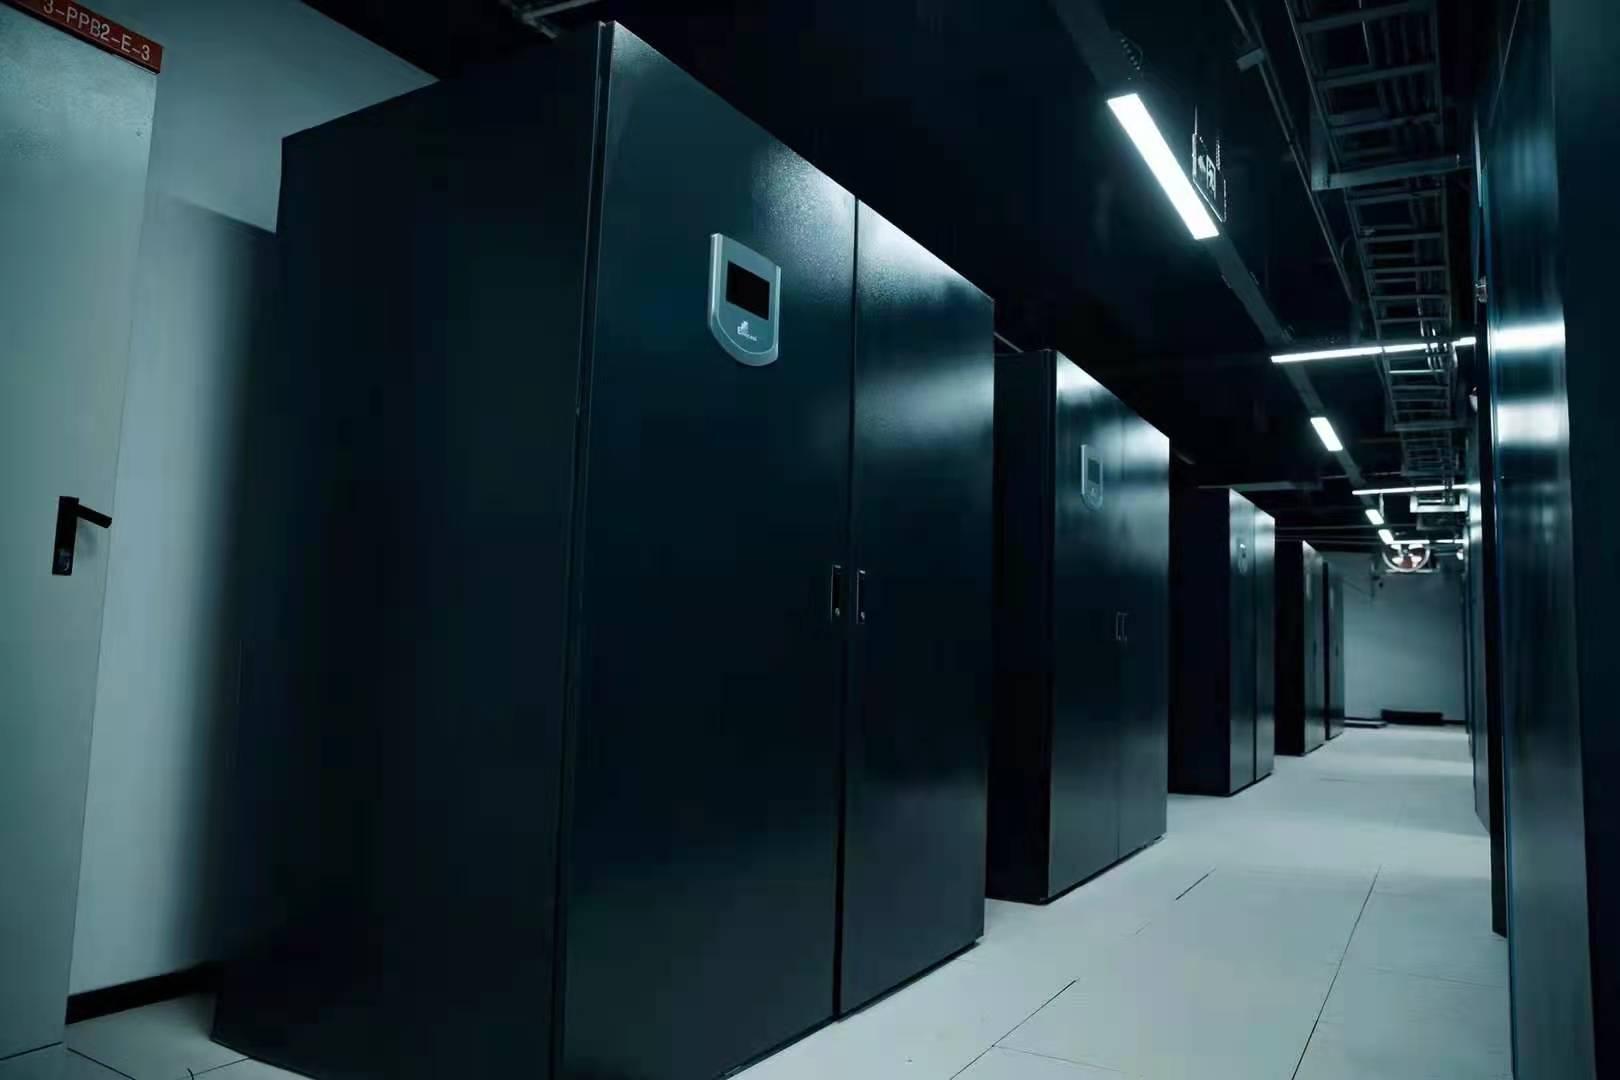 深圳国产精密空调出售 上海典鸿智能科技供应